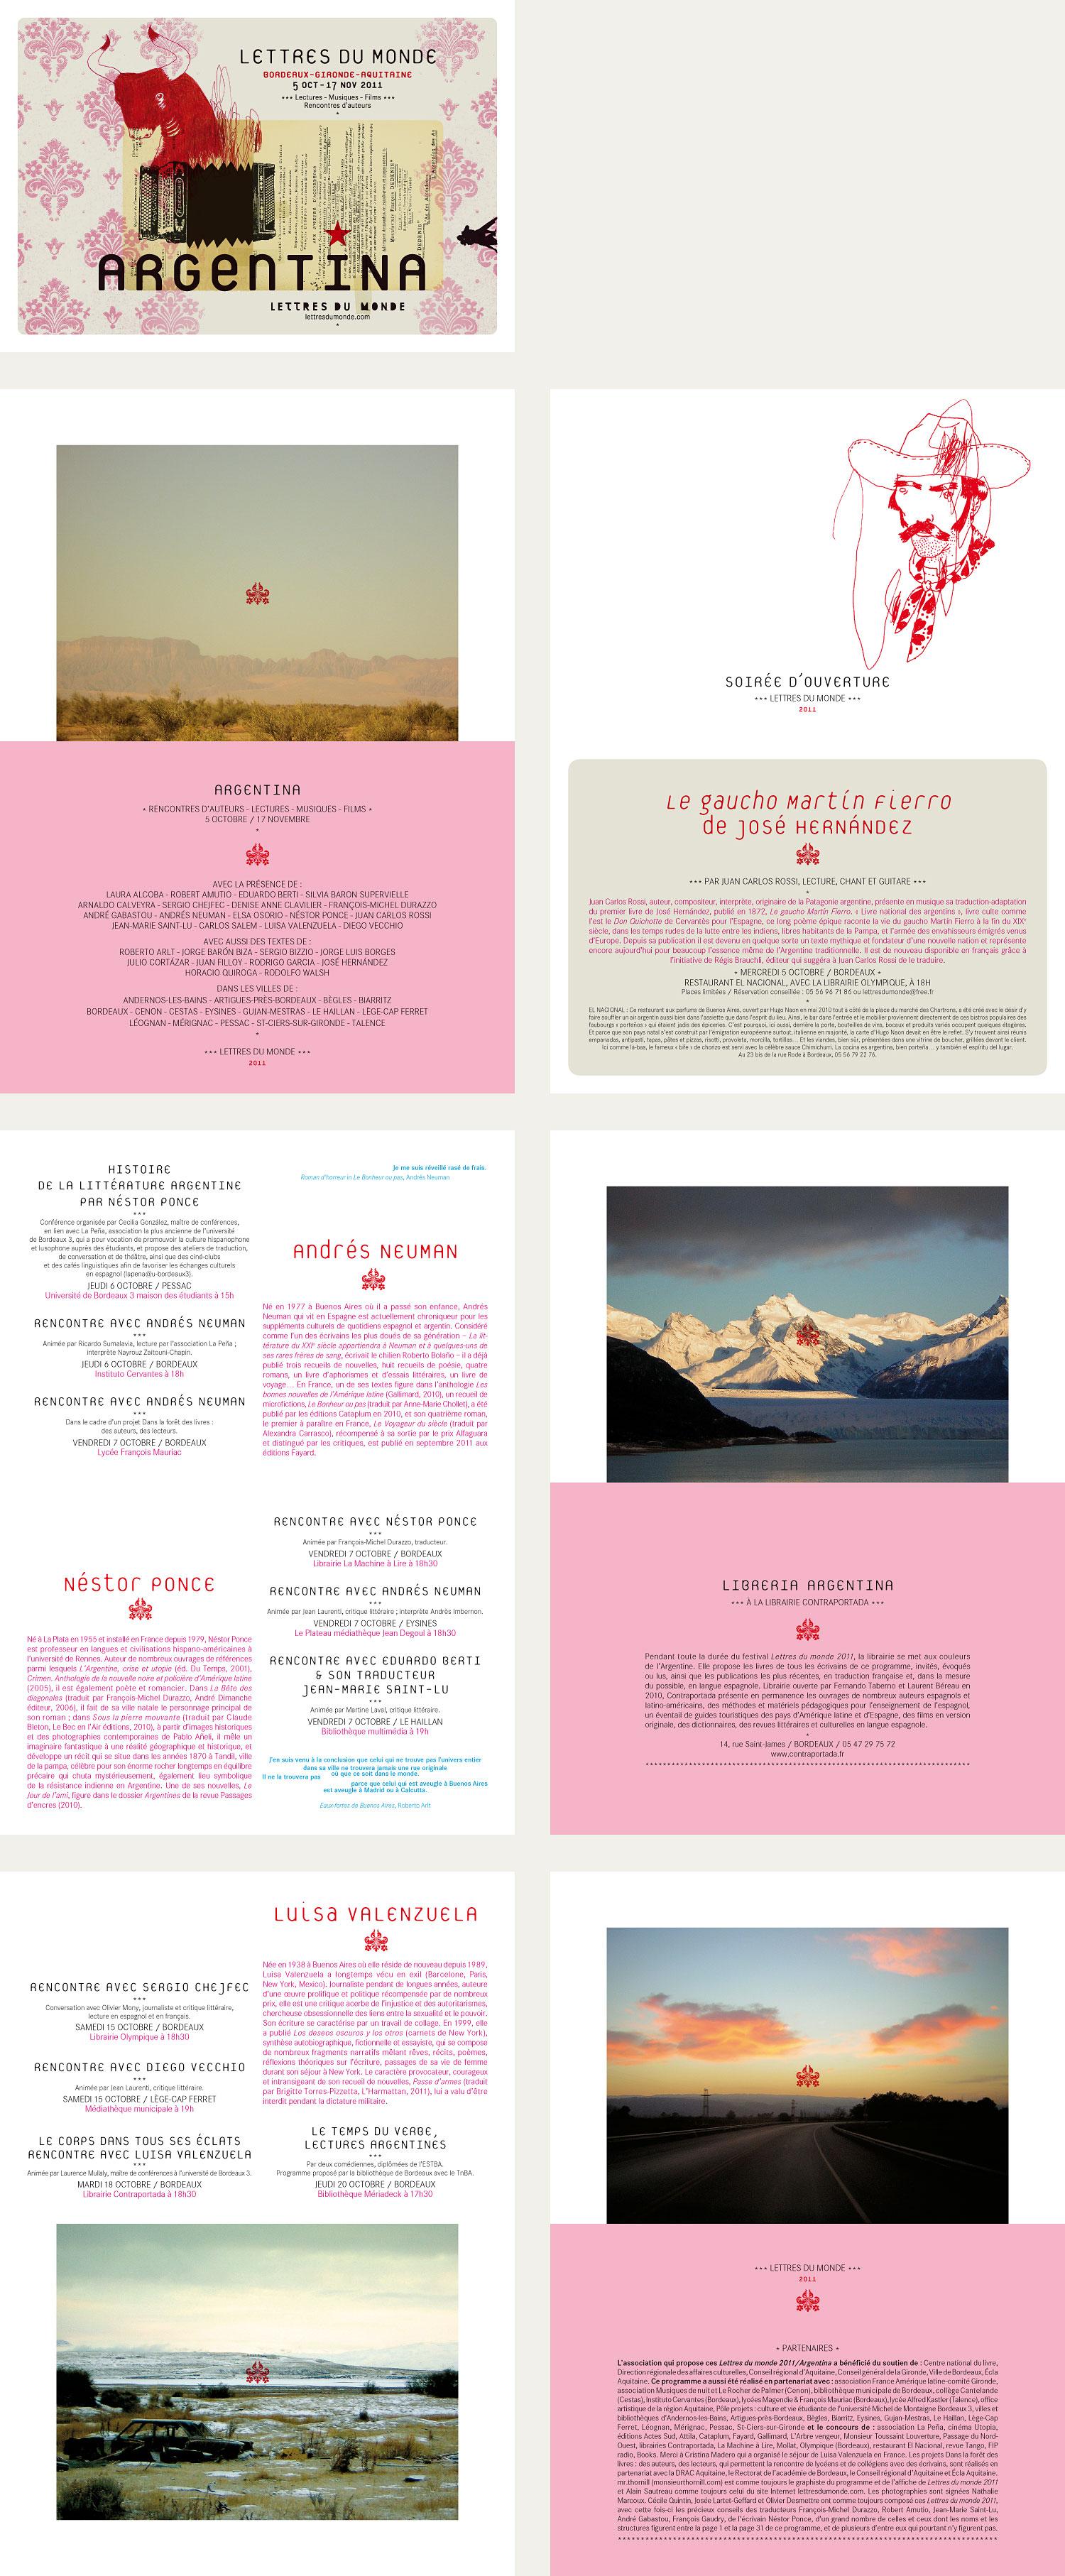 MrThornill-graphisme-lettresmonde-argentina-2011-ph2